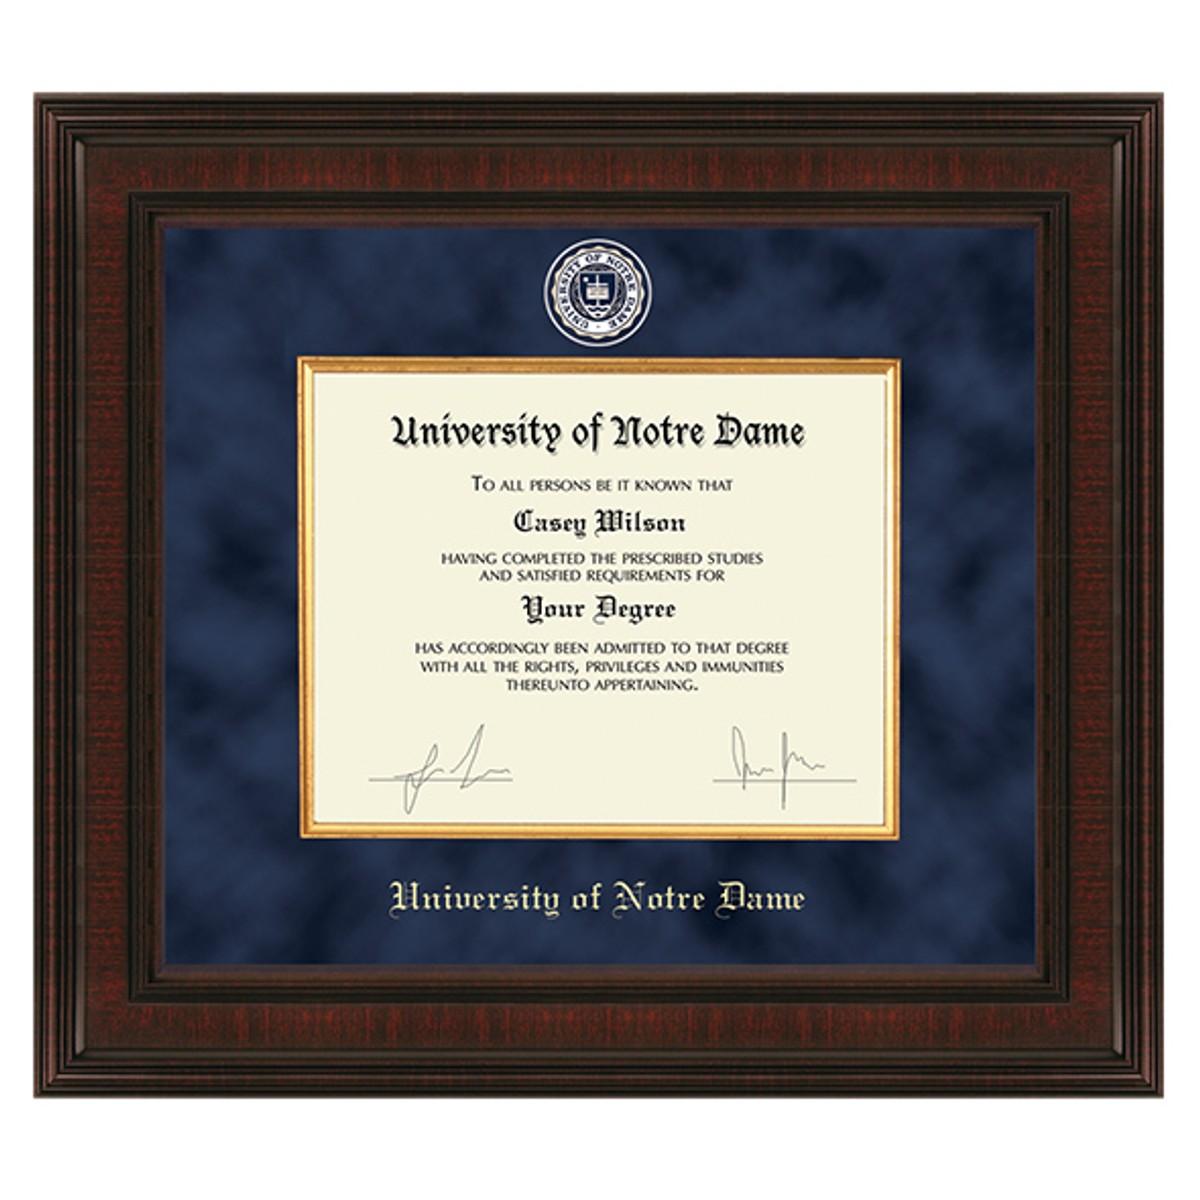 University Of Notre Dame Diploma Frame Excelsior